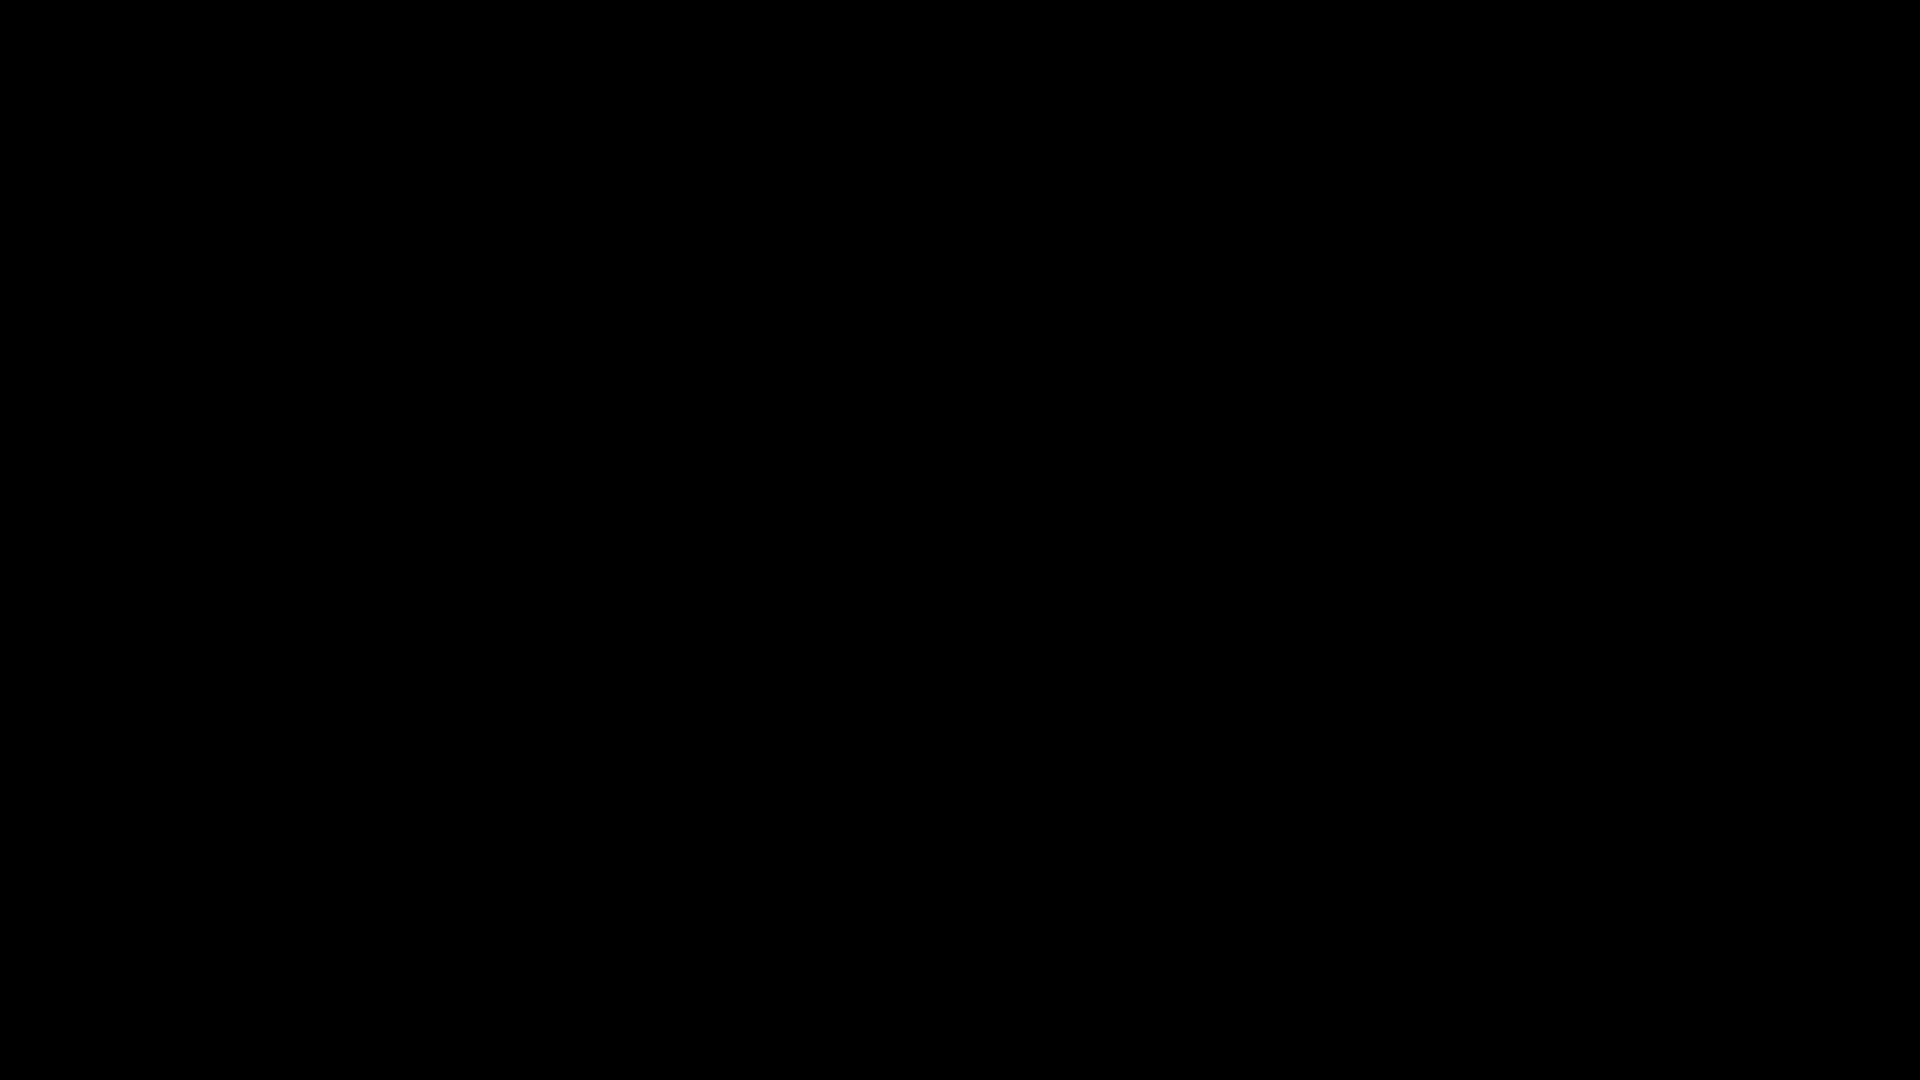 Ne travaille pas (1968-2018)